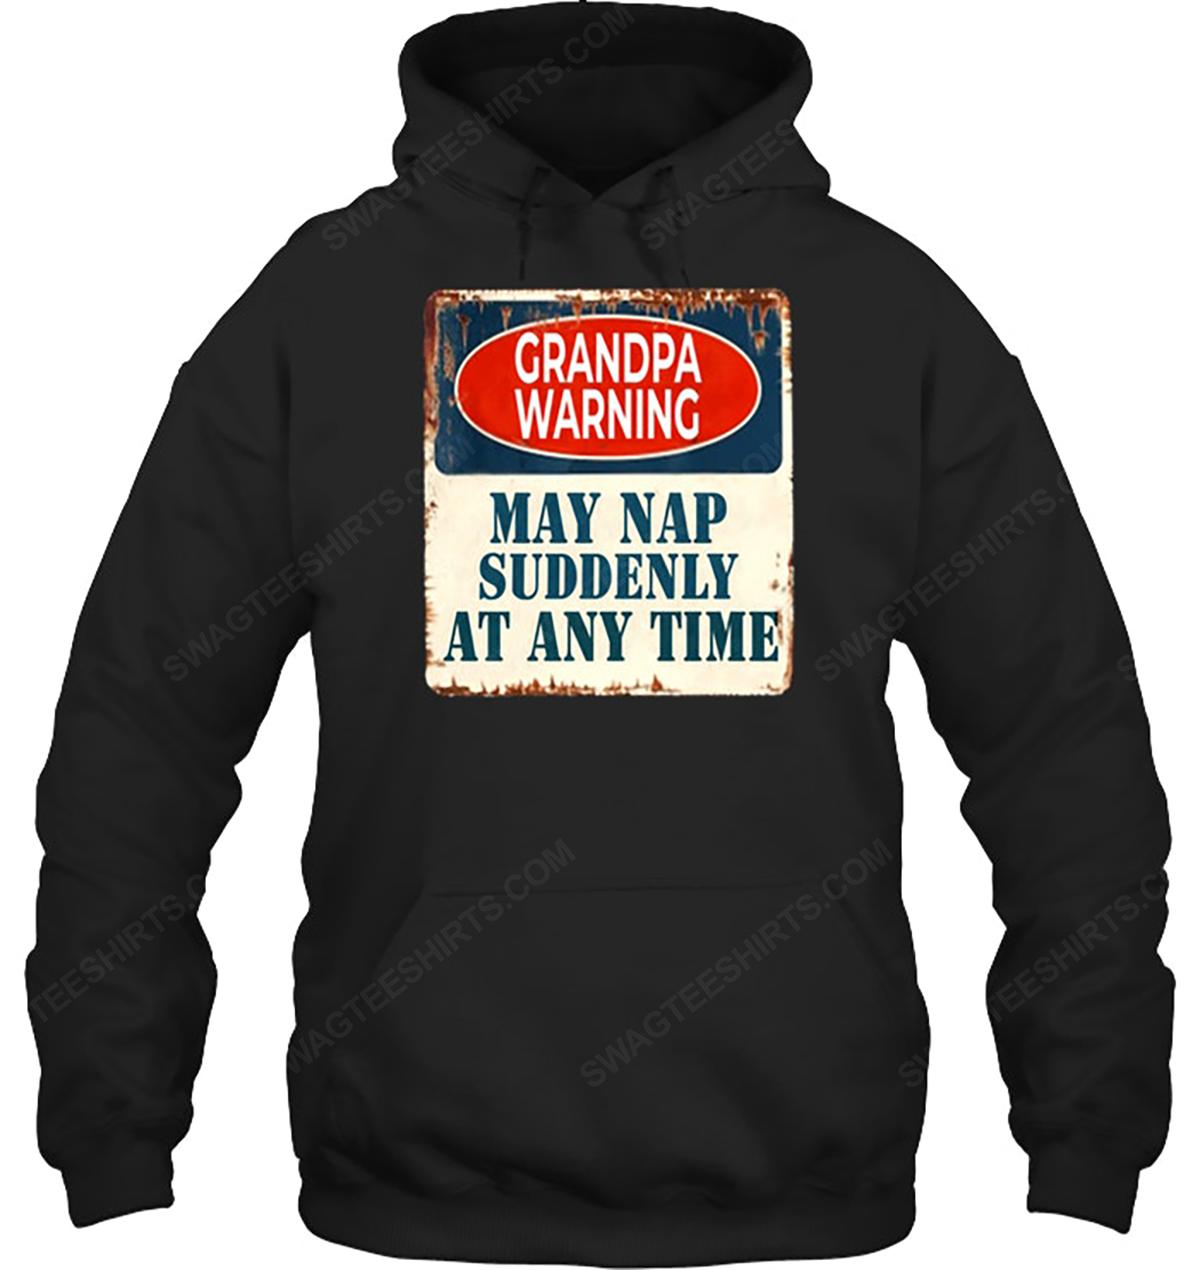 Grandpa warning may nap suddenly at any time hoodie 1